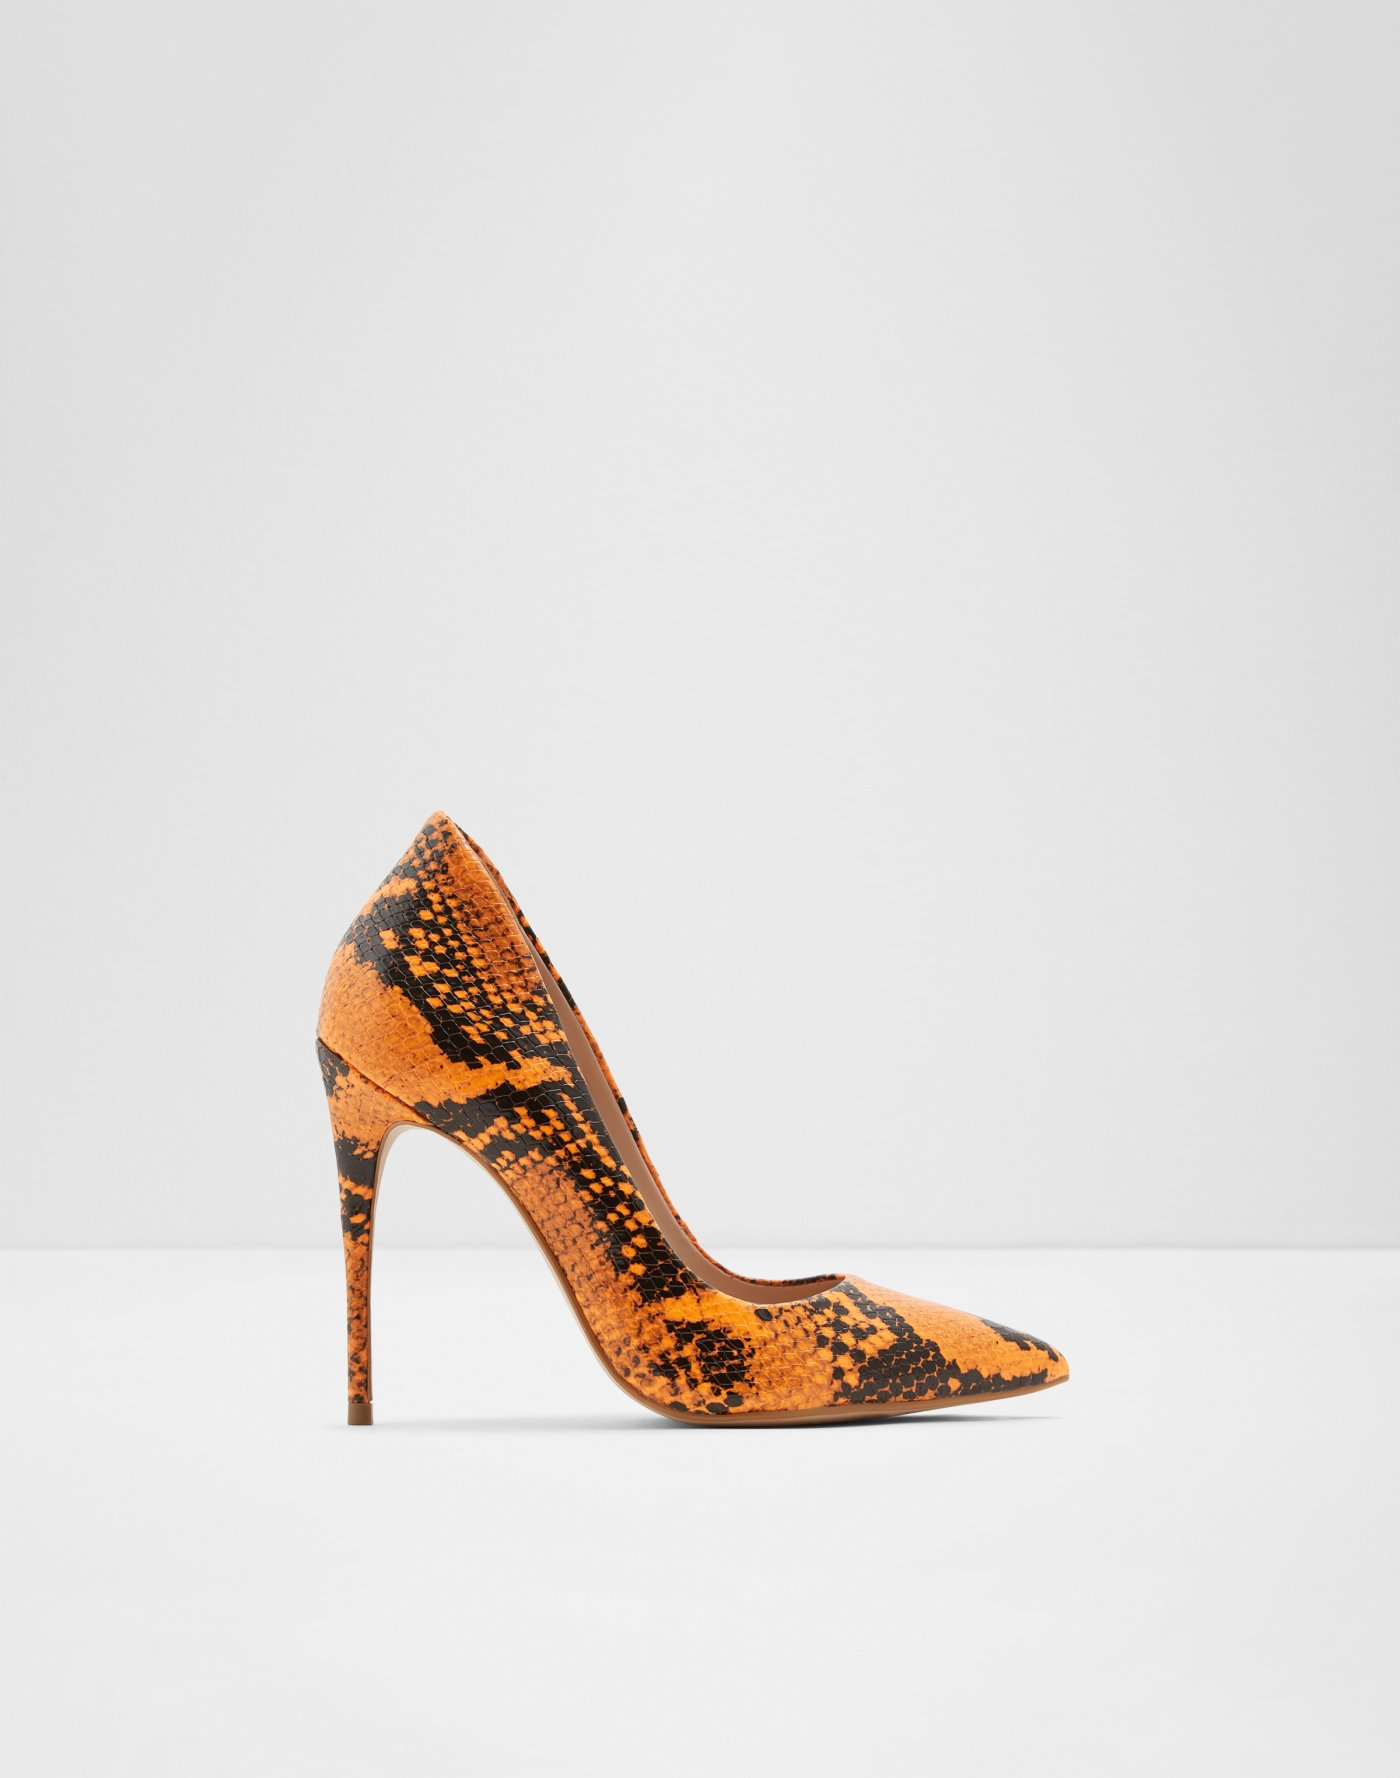 190bca5ea6 Heels | Aldoshoes.com US